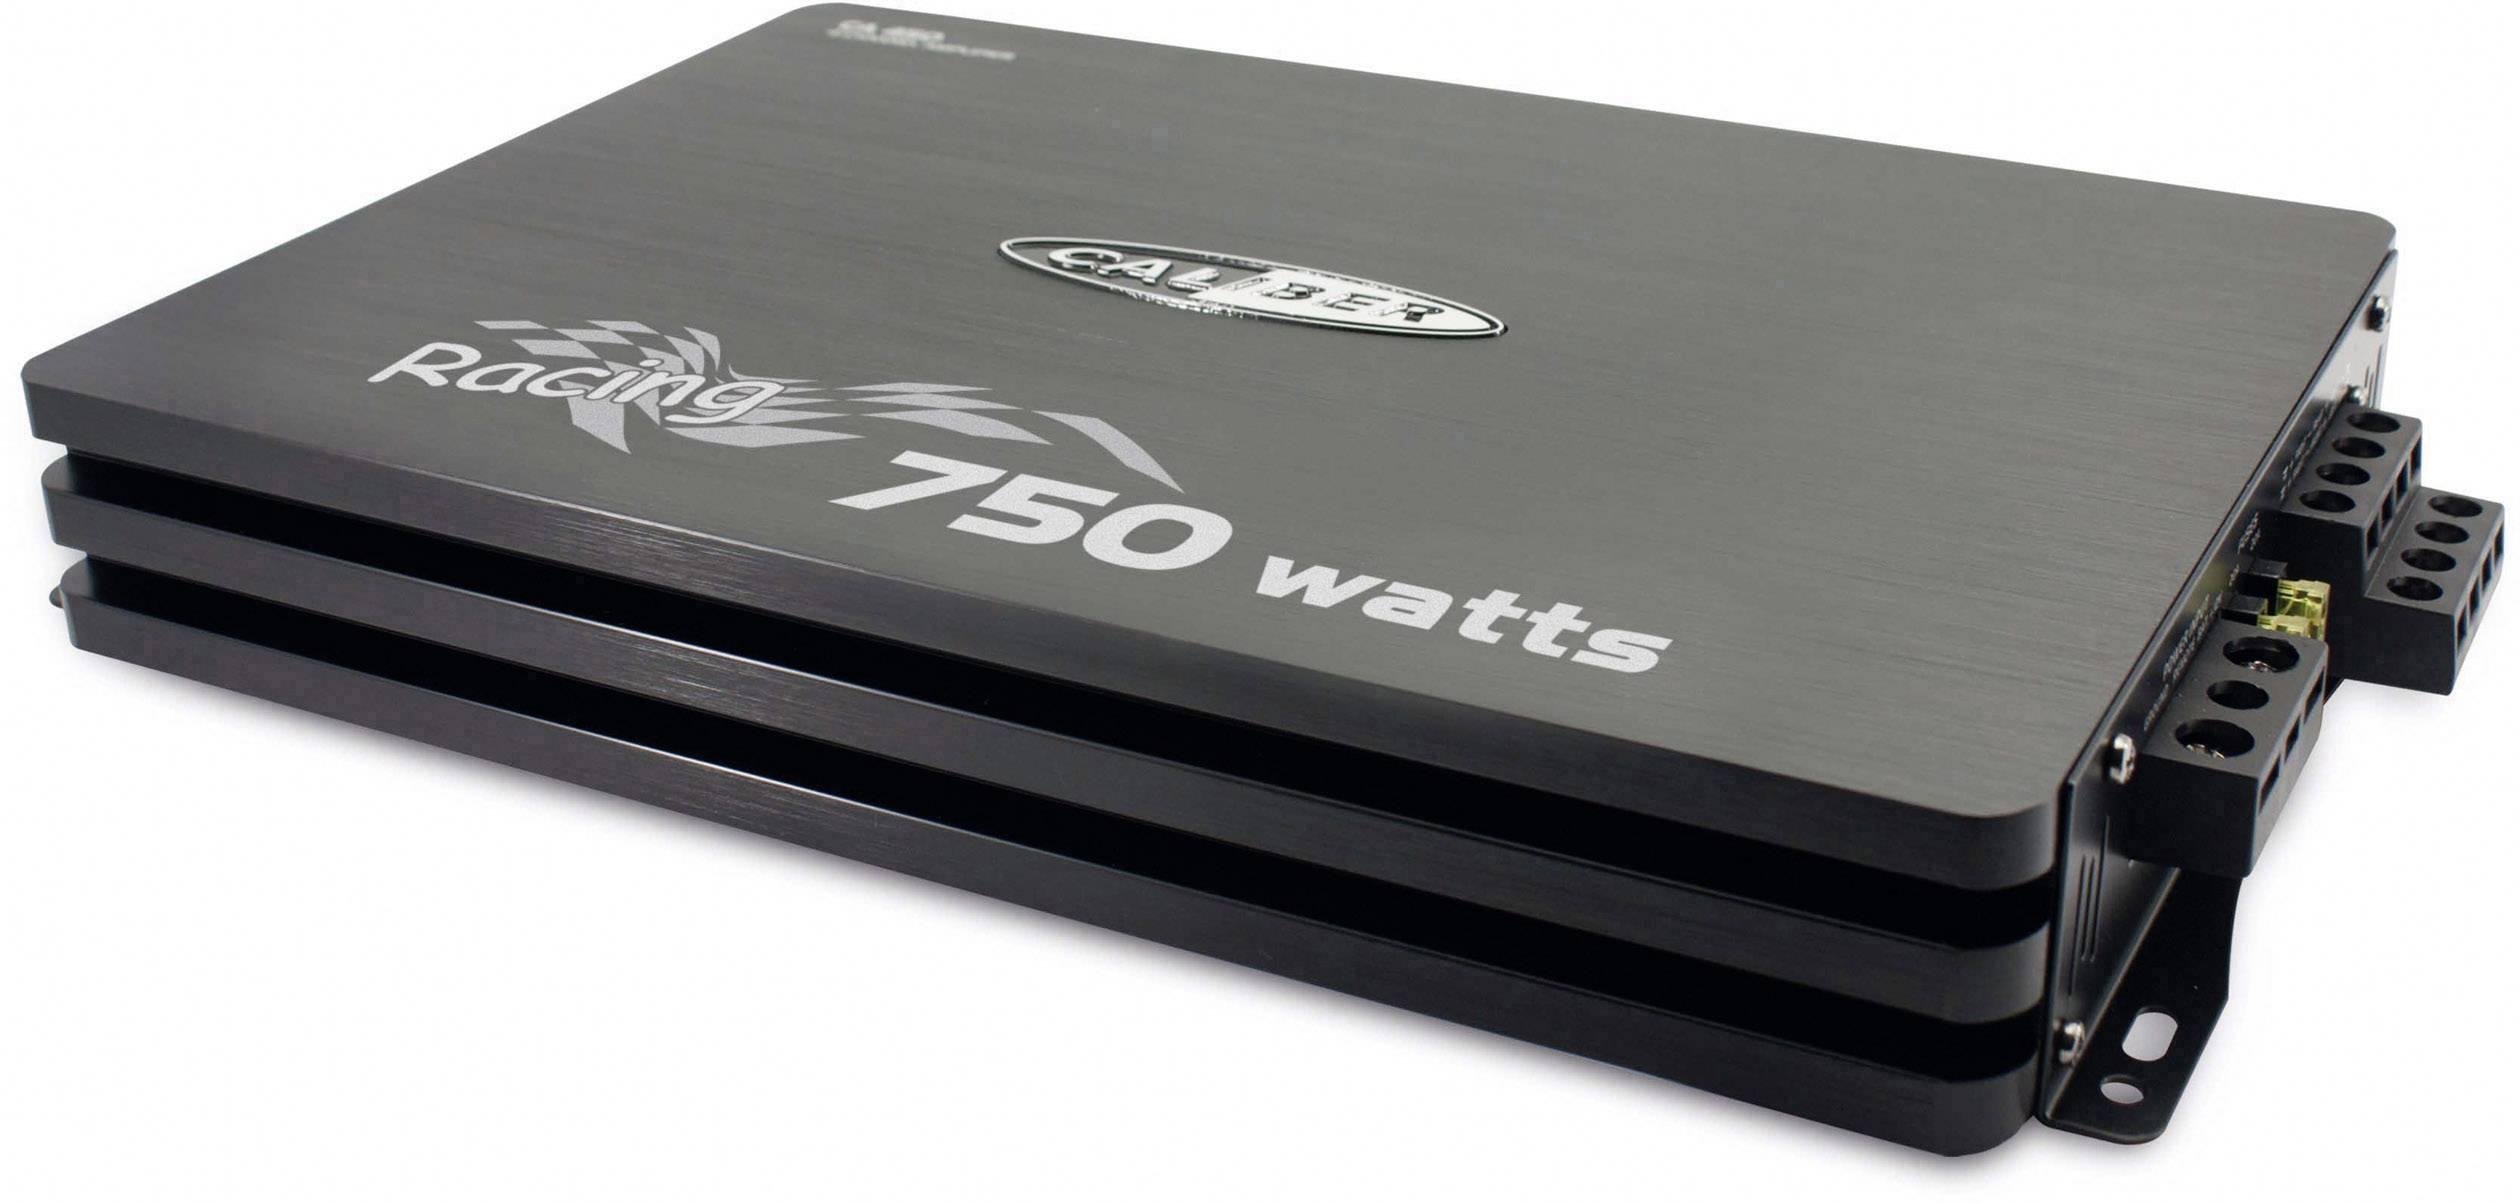 4-kanálový koncový zosilovač Caliber Audio Technology CA 450 CA-450, 600 W